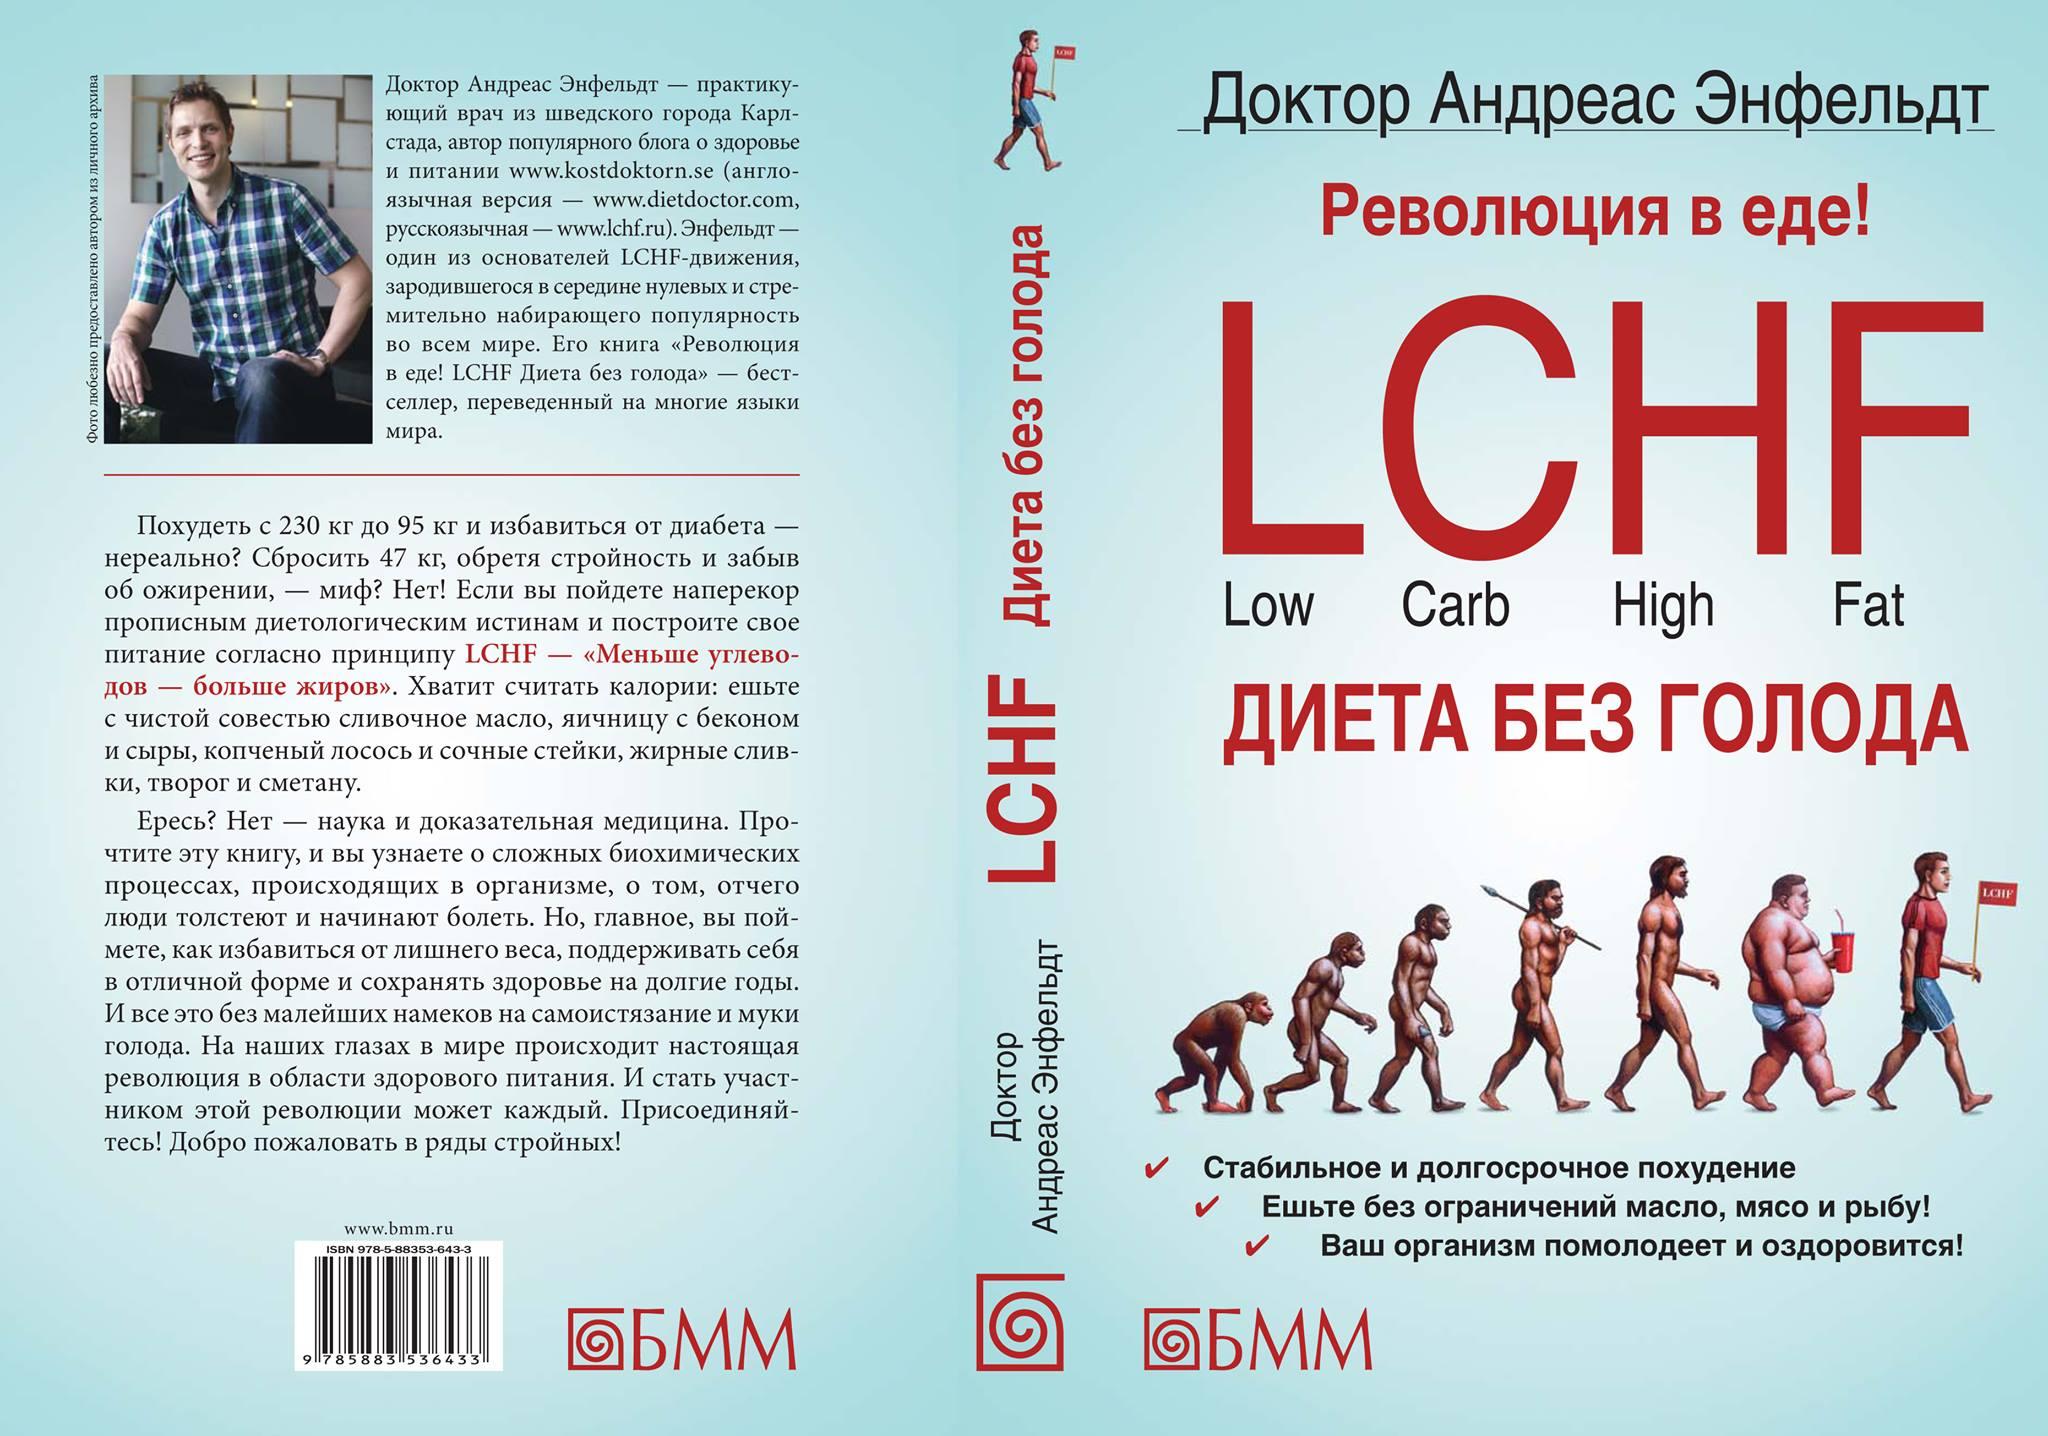 Кетодиета книги, lchf: что читать и где купить на русском, обзоры.